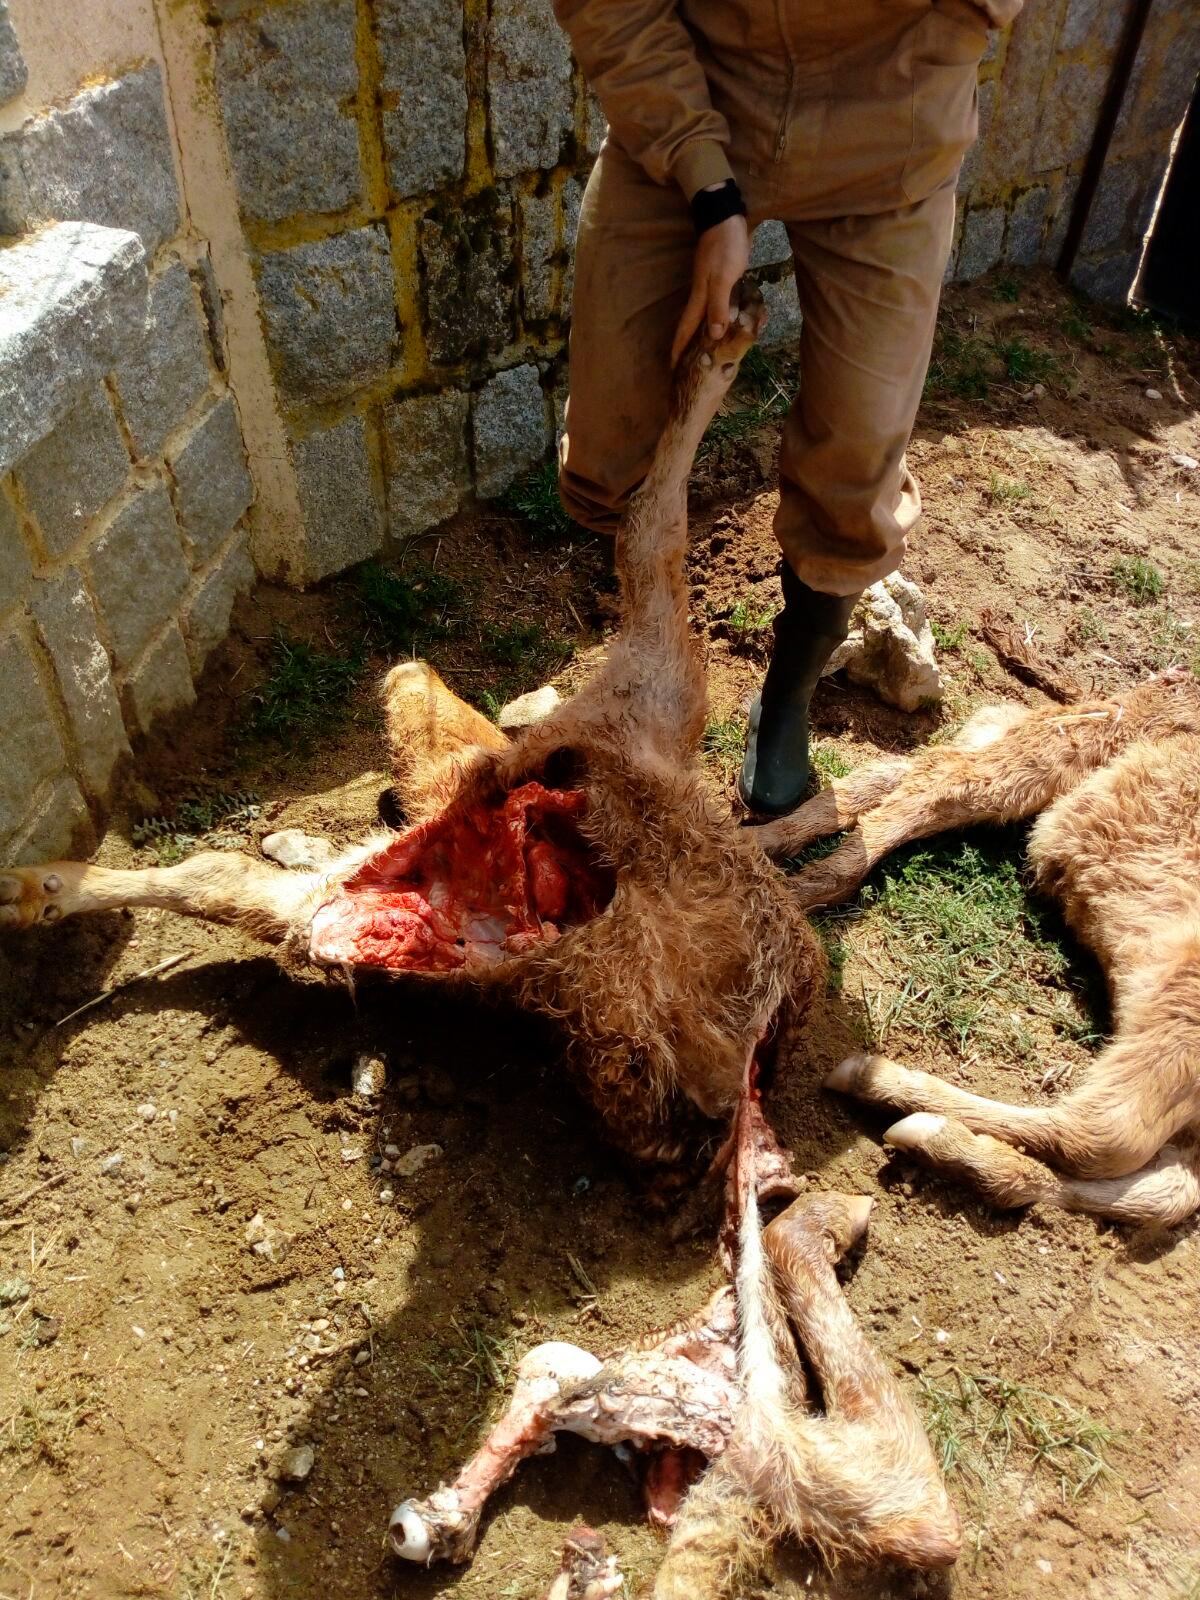 Uno de los animales muertos en Tornadizos de Ávila